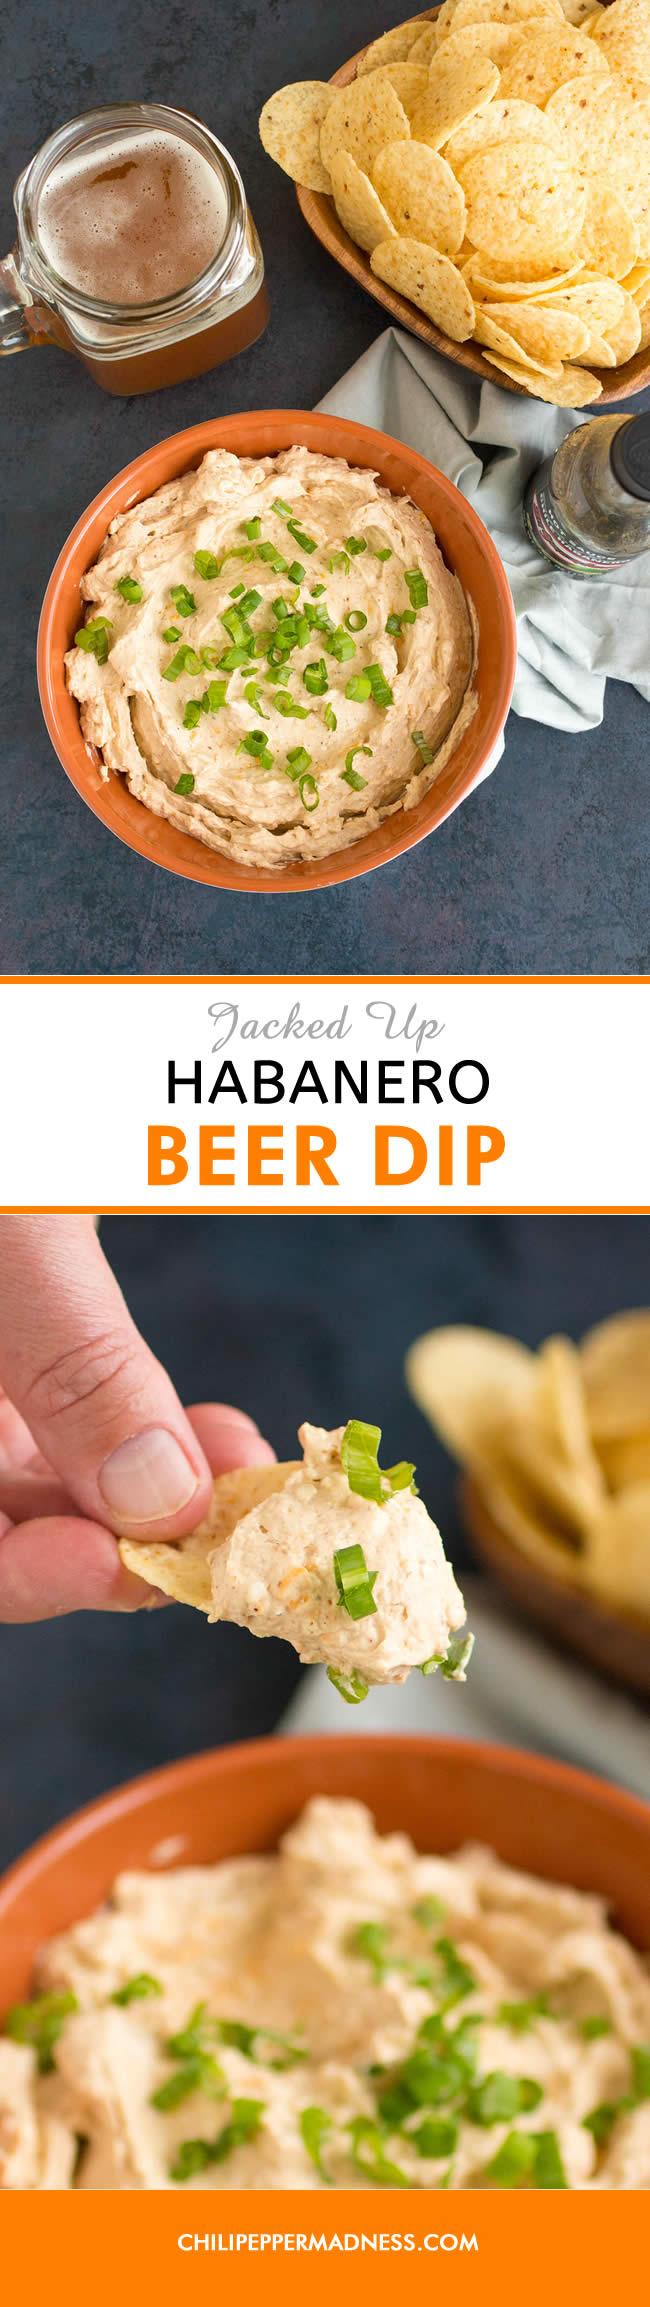 Jacked Up Habanero Beer Dip - Recipe